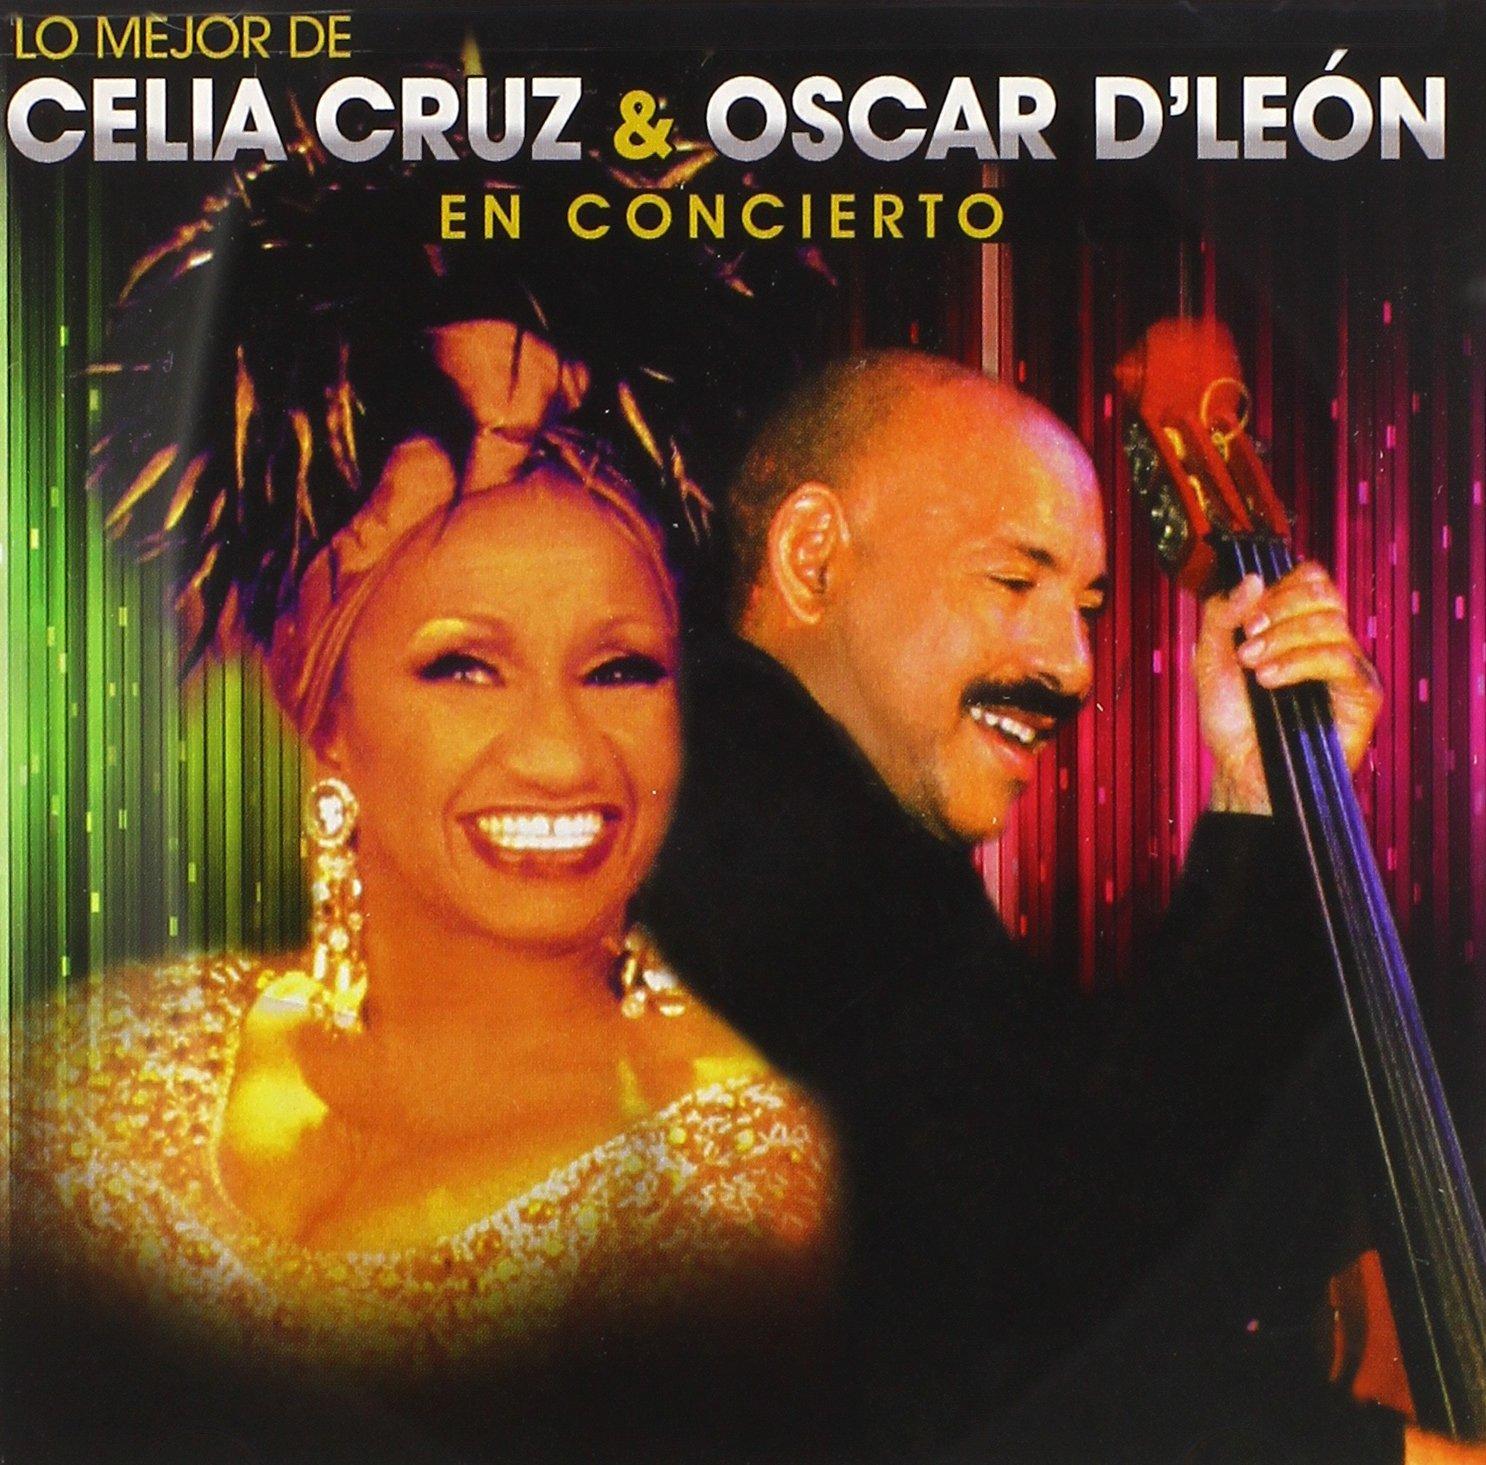 New item Lo Mejor De Celia Cruz Concierto Albuquerque Mall Oscar D'Le¢n En